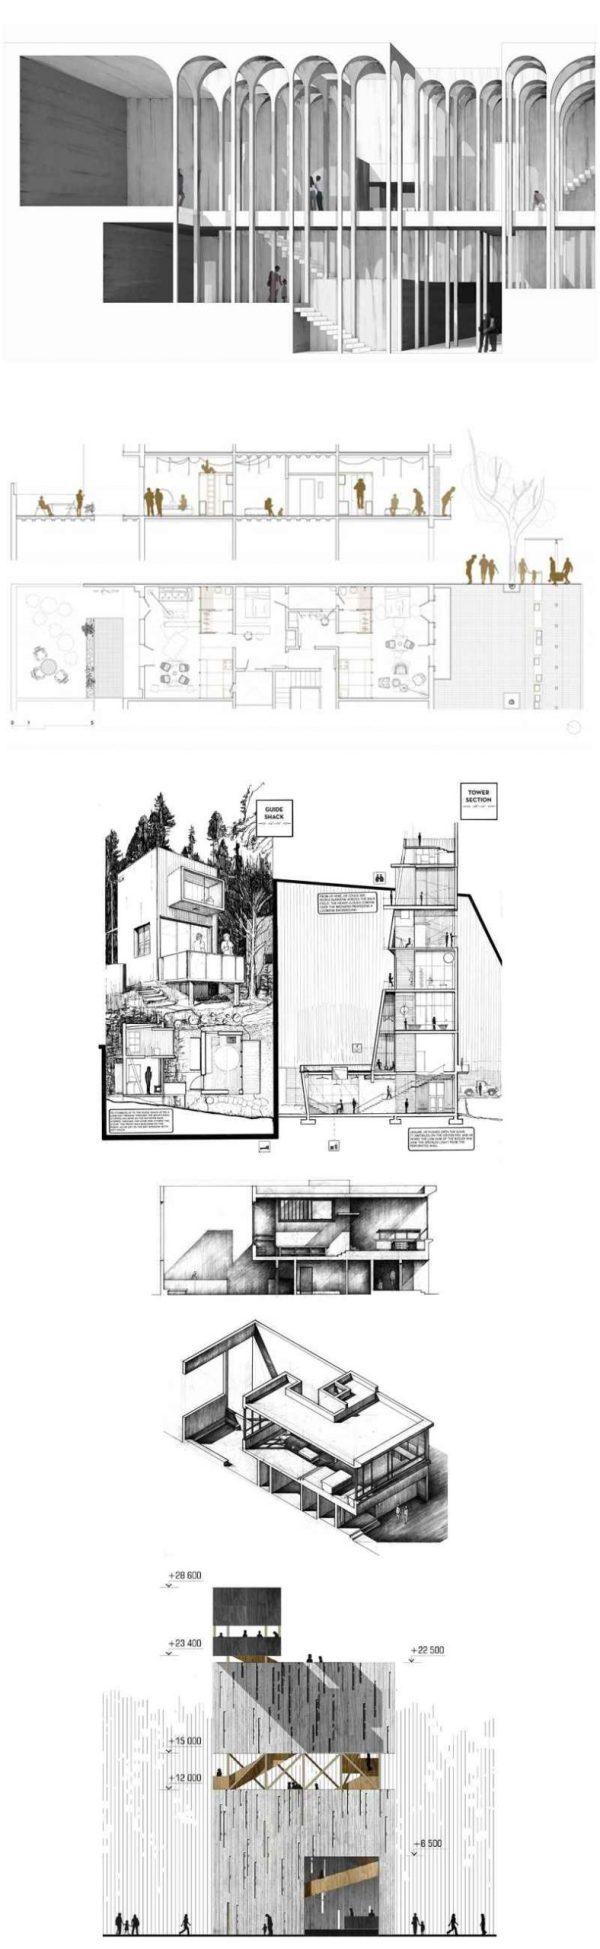 【精選建築剖面圖100例】